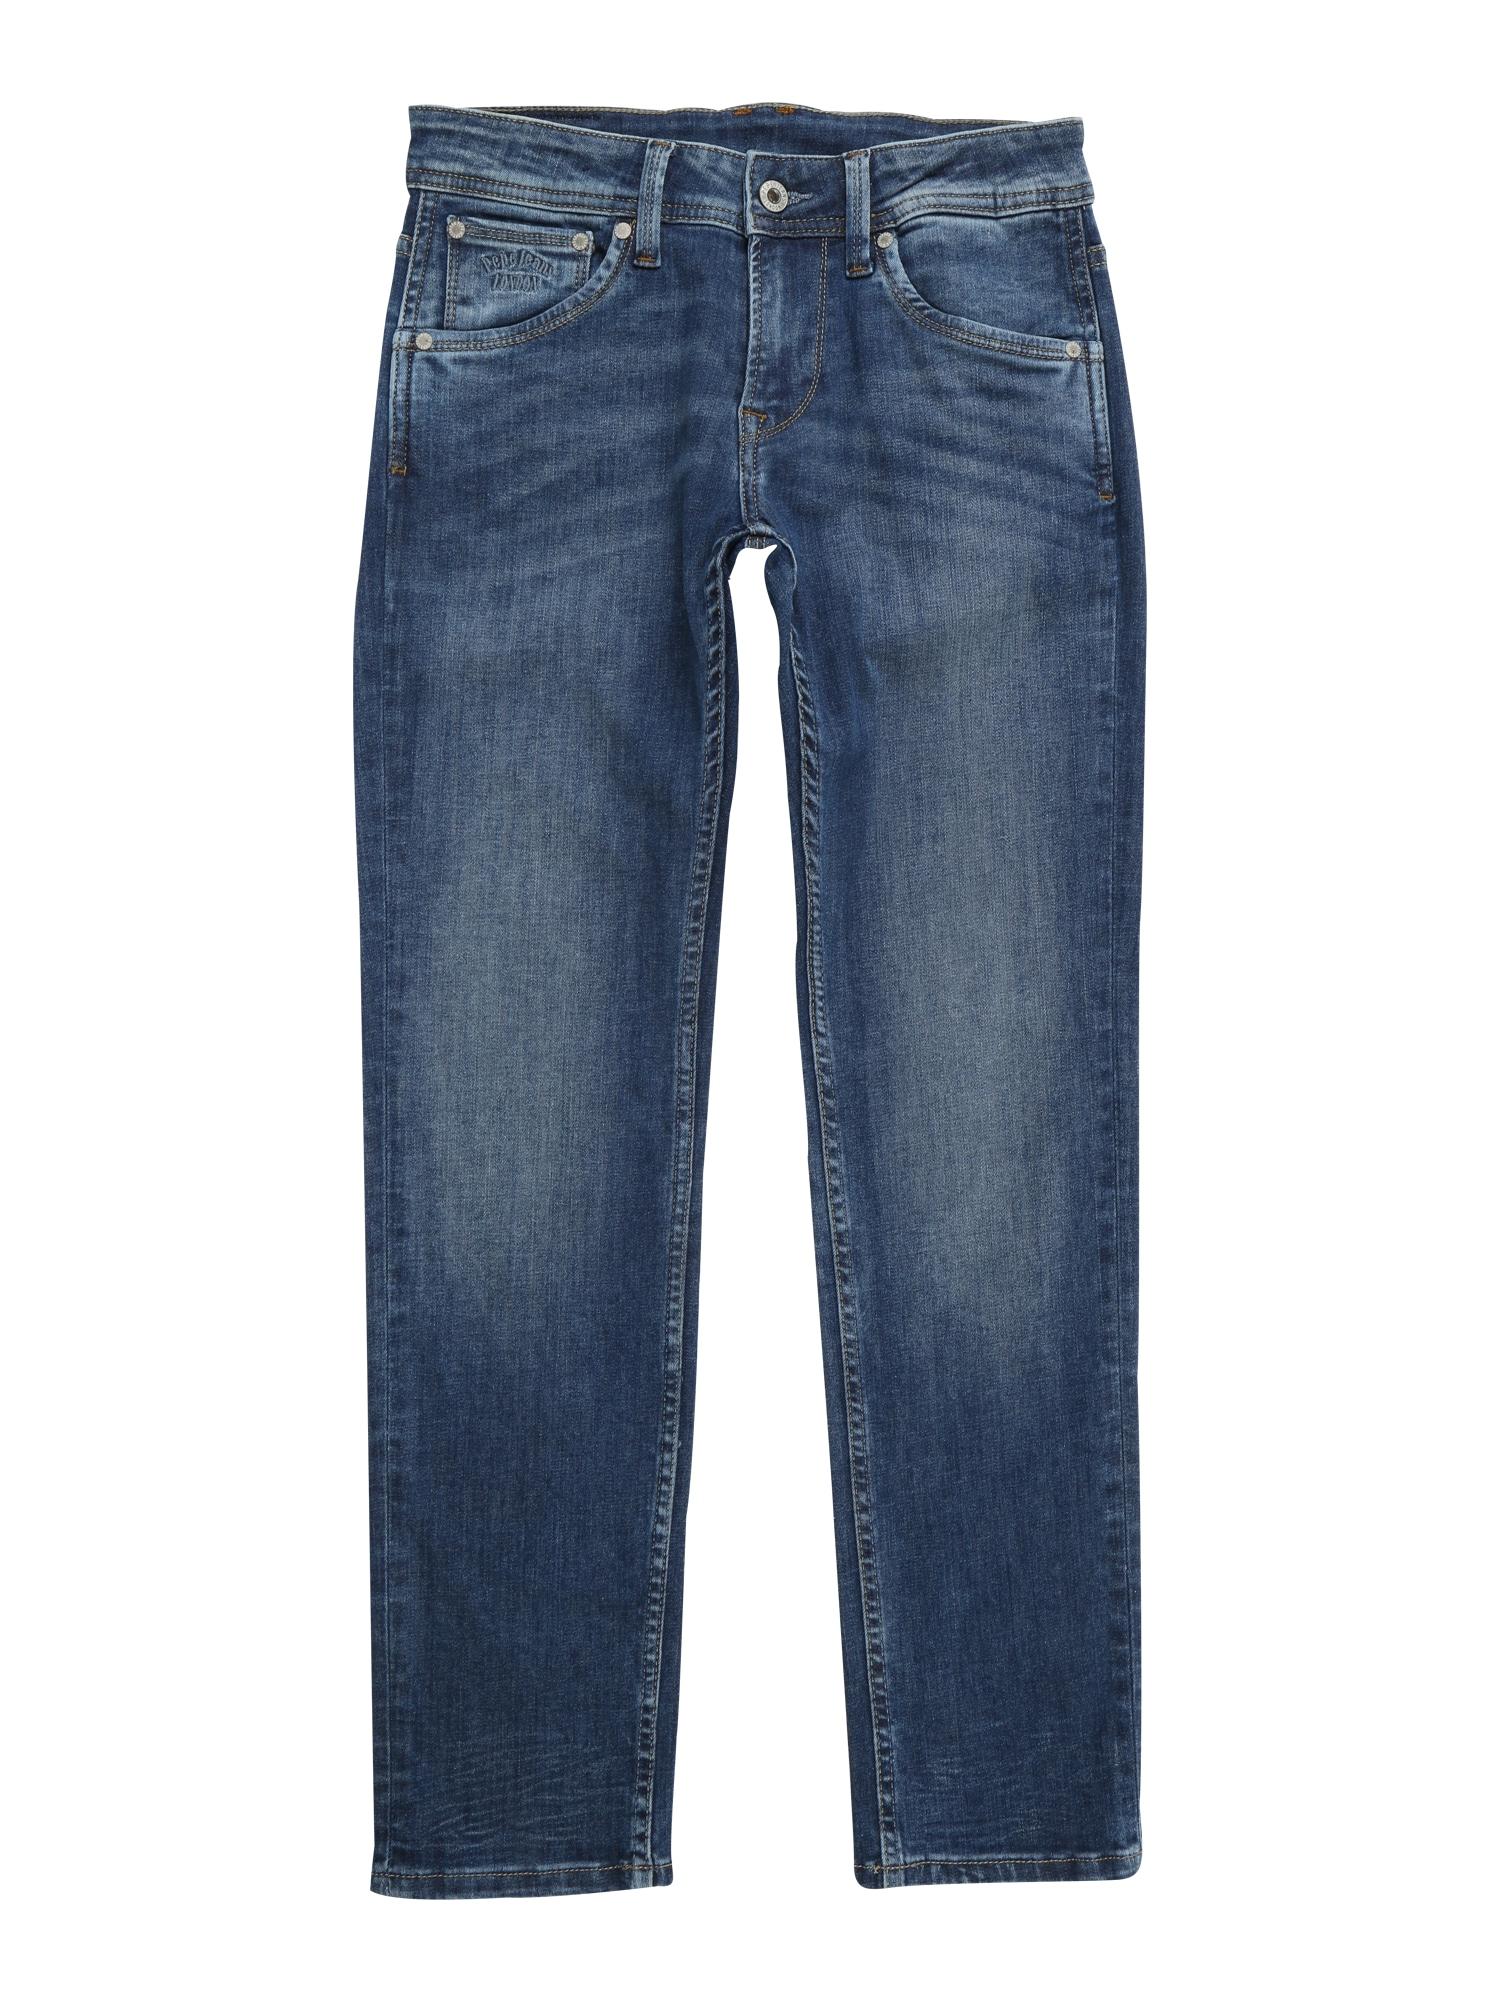 Džíny CASHED modrá džínovina Pepe Jeans